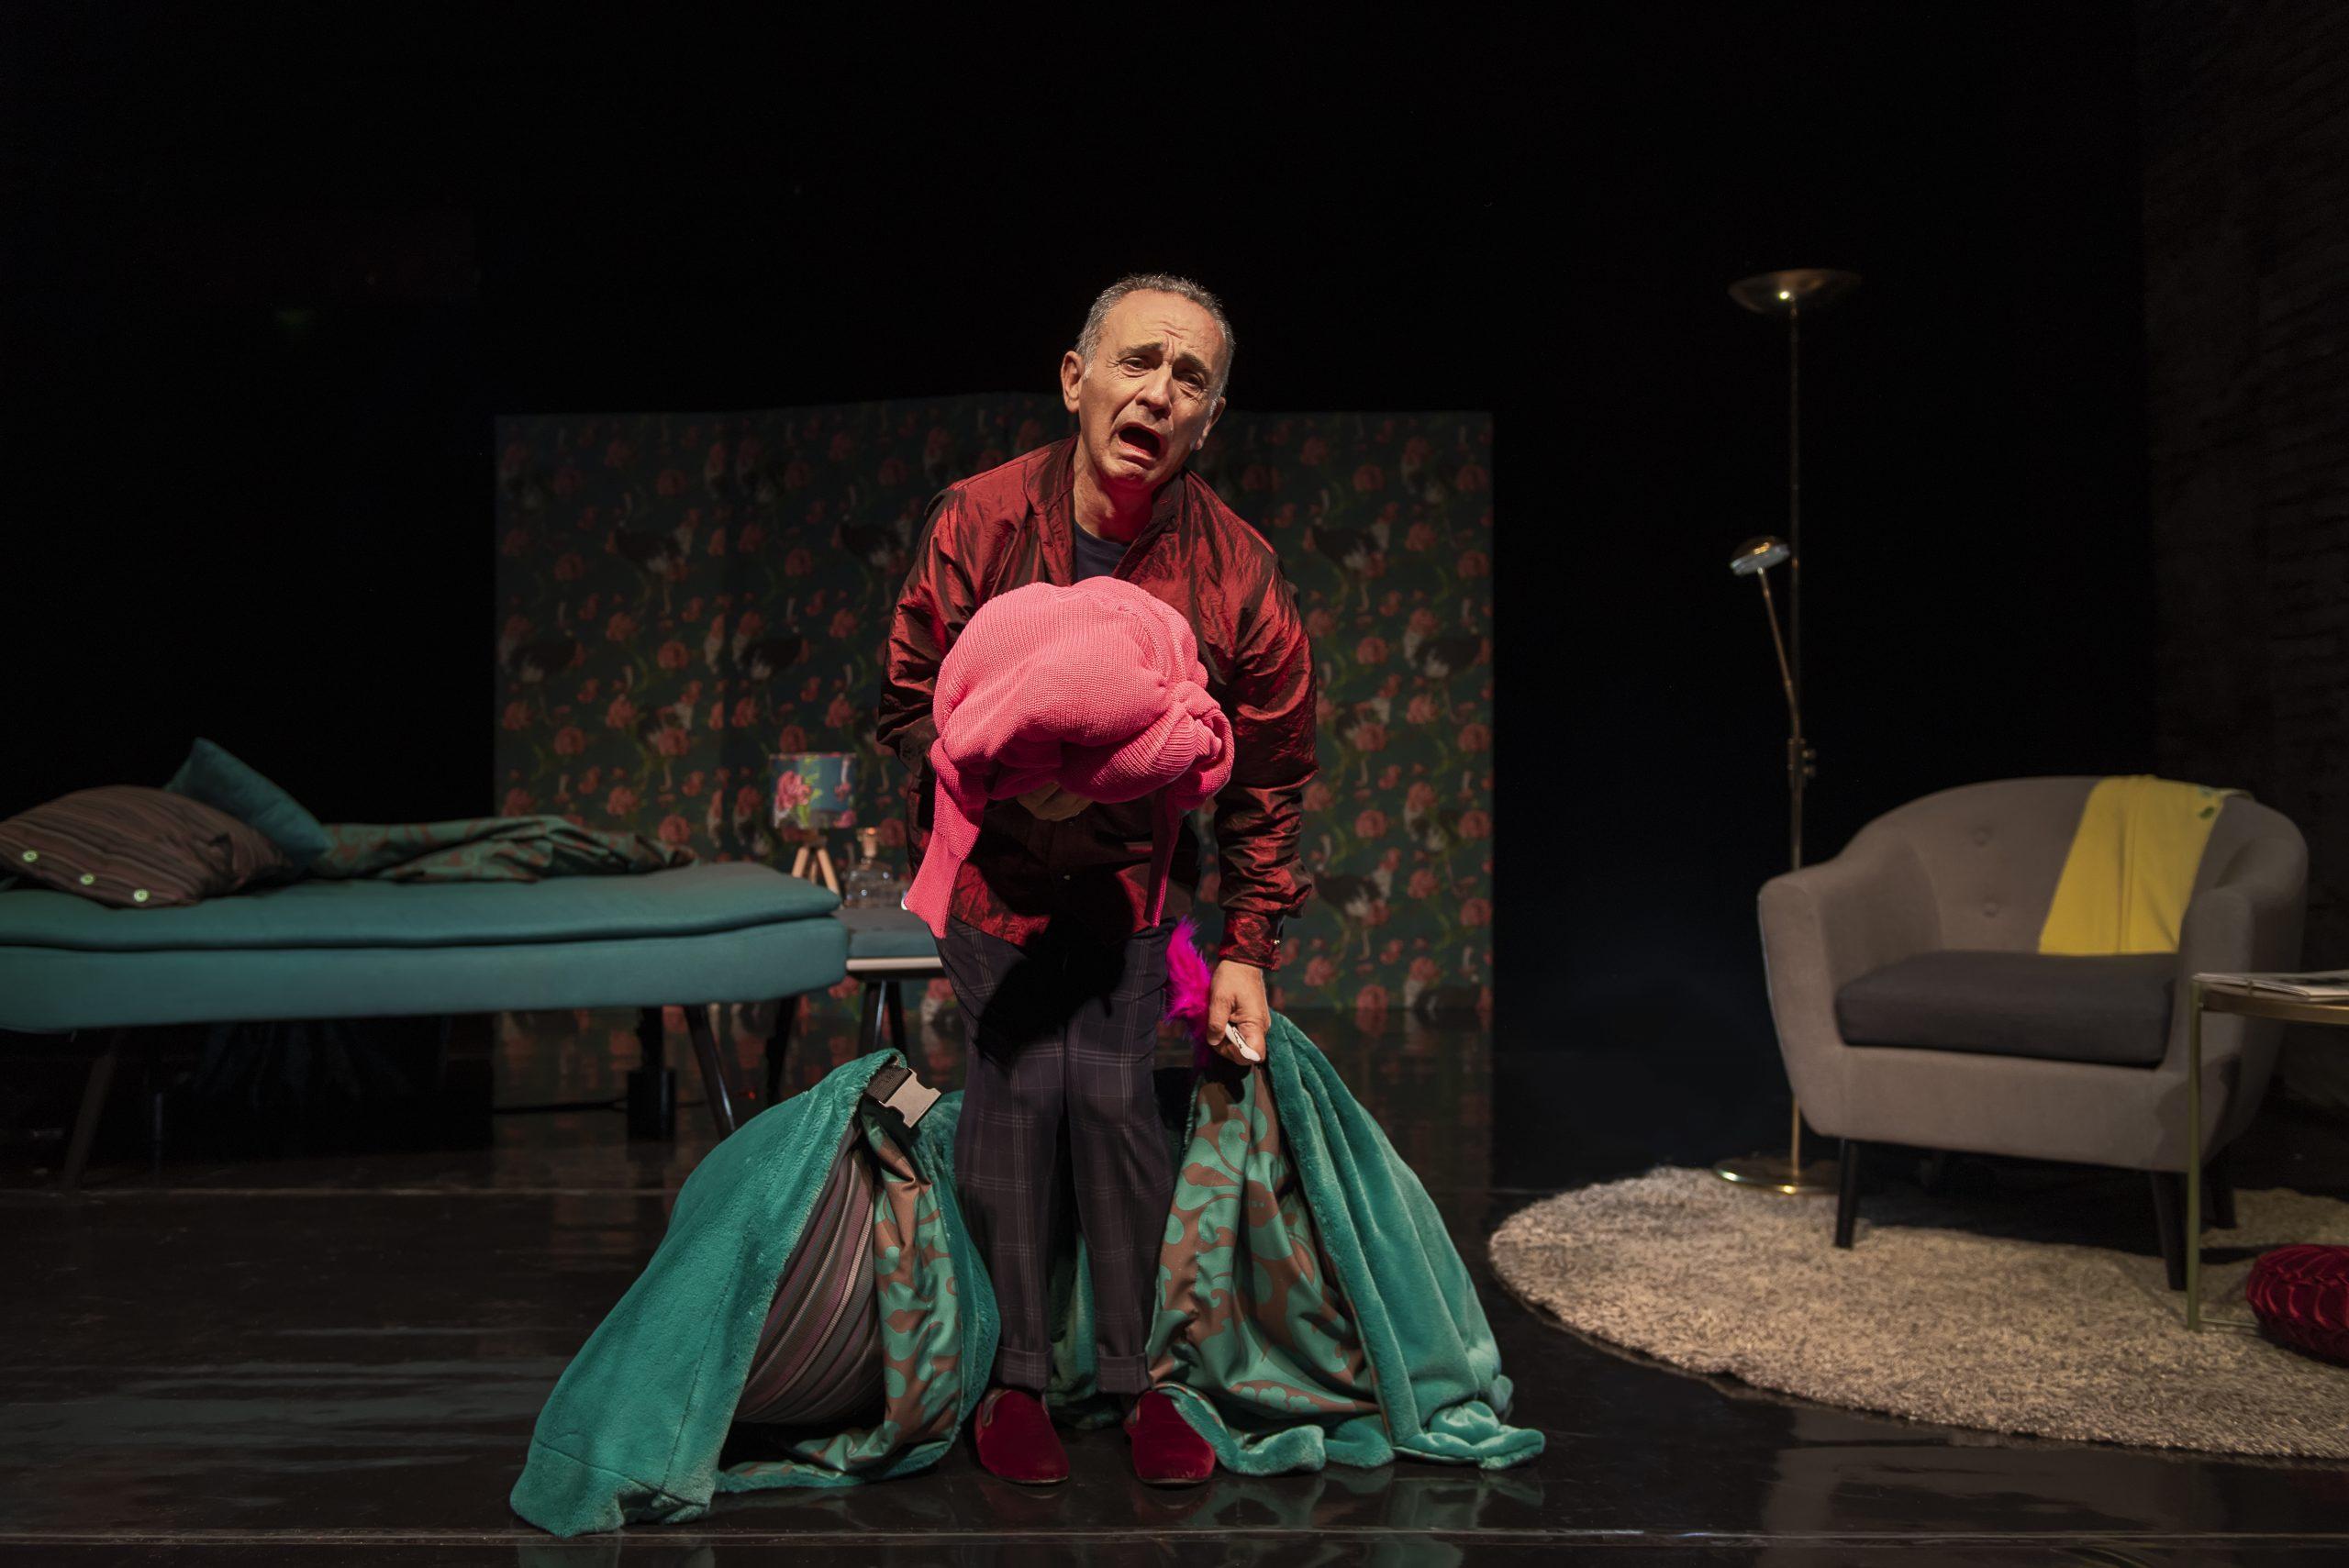 """Tra riflessione e ironia a teatro con """"Tutto sua madre"""" di Guillaume Gallienne"""